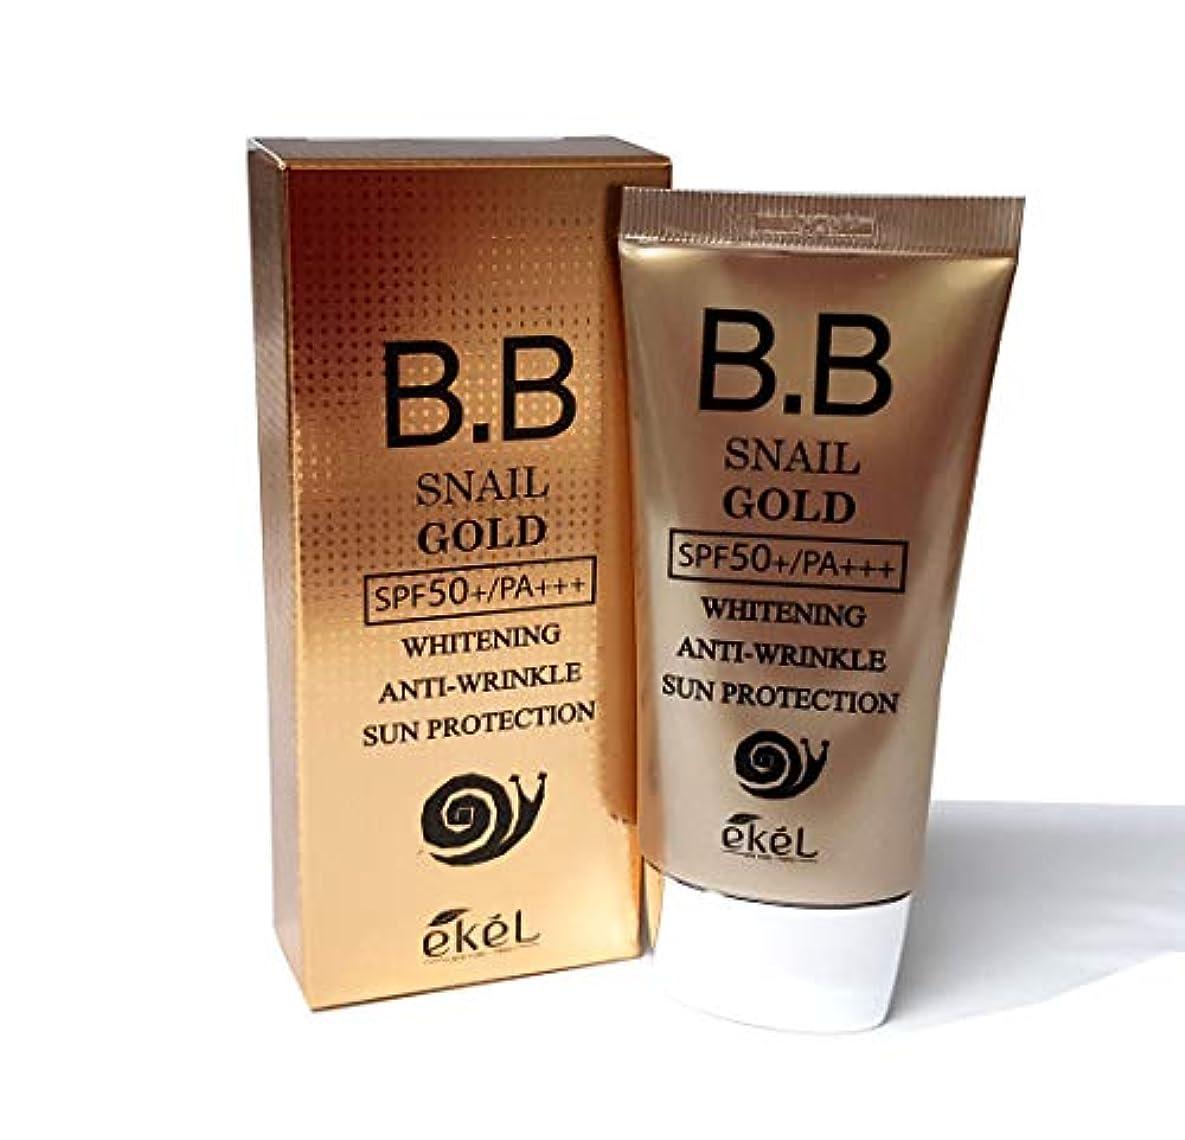 顔料ハイキング勝つ[Ekel] カタツムリゴールドBB 50ml SPF50 + PA +++ / Snail Gold BB 50ml SPF50+PA+++ /ホワイトニング、UVカット/Whitening,UV protection...